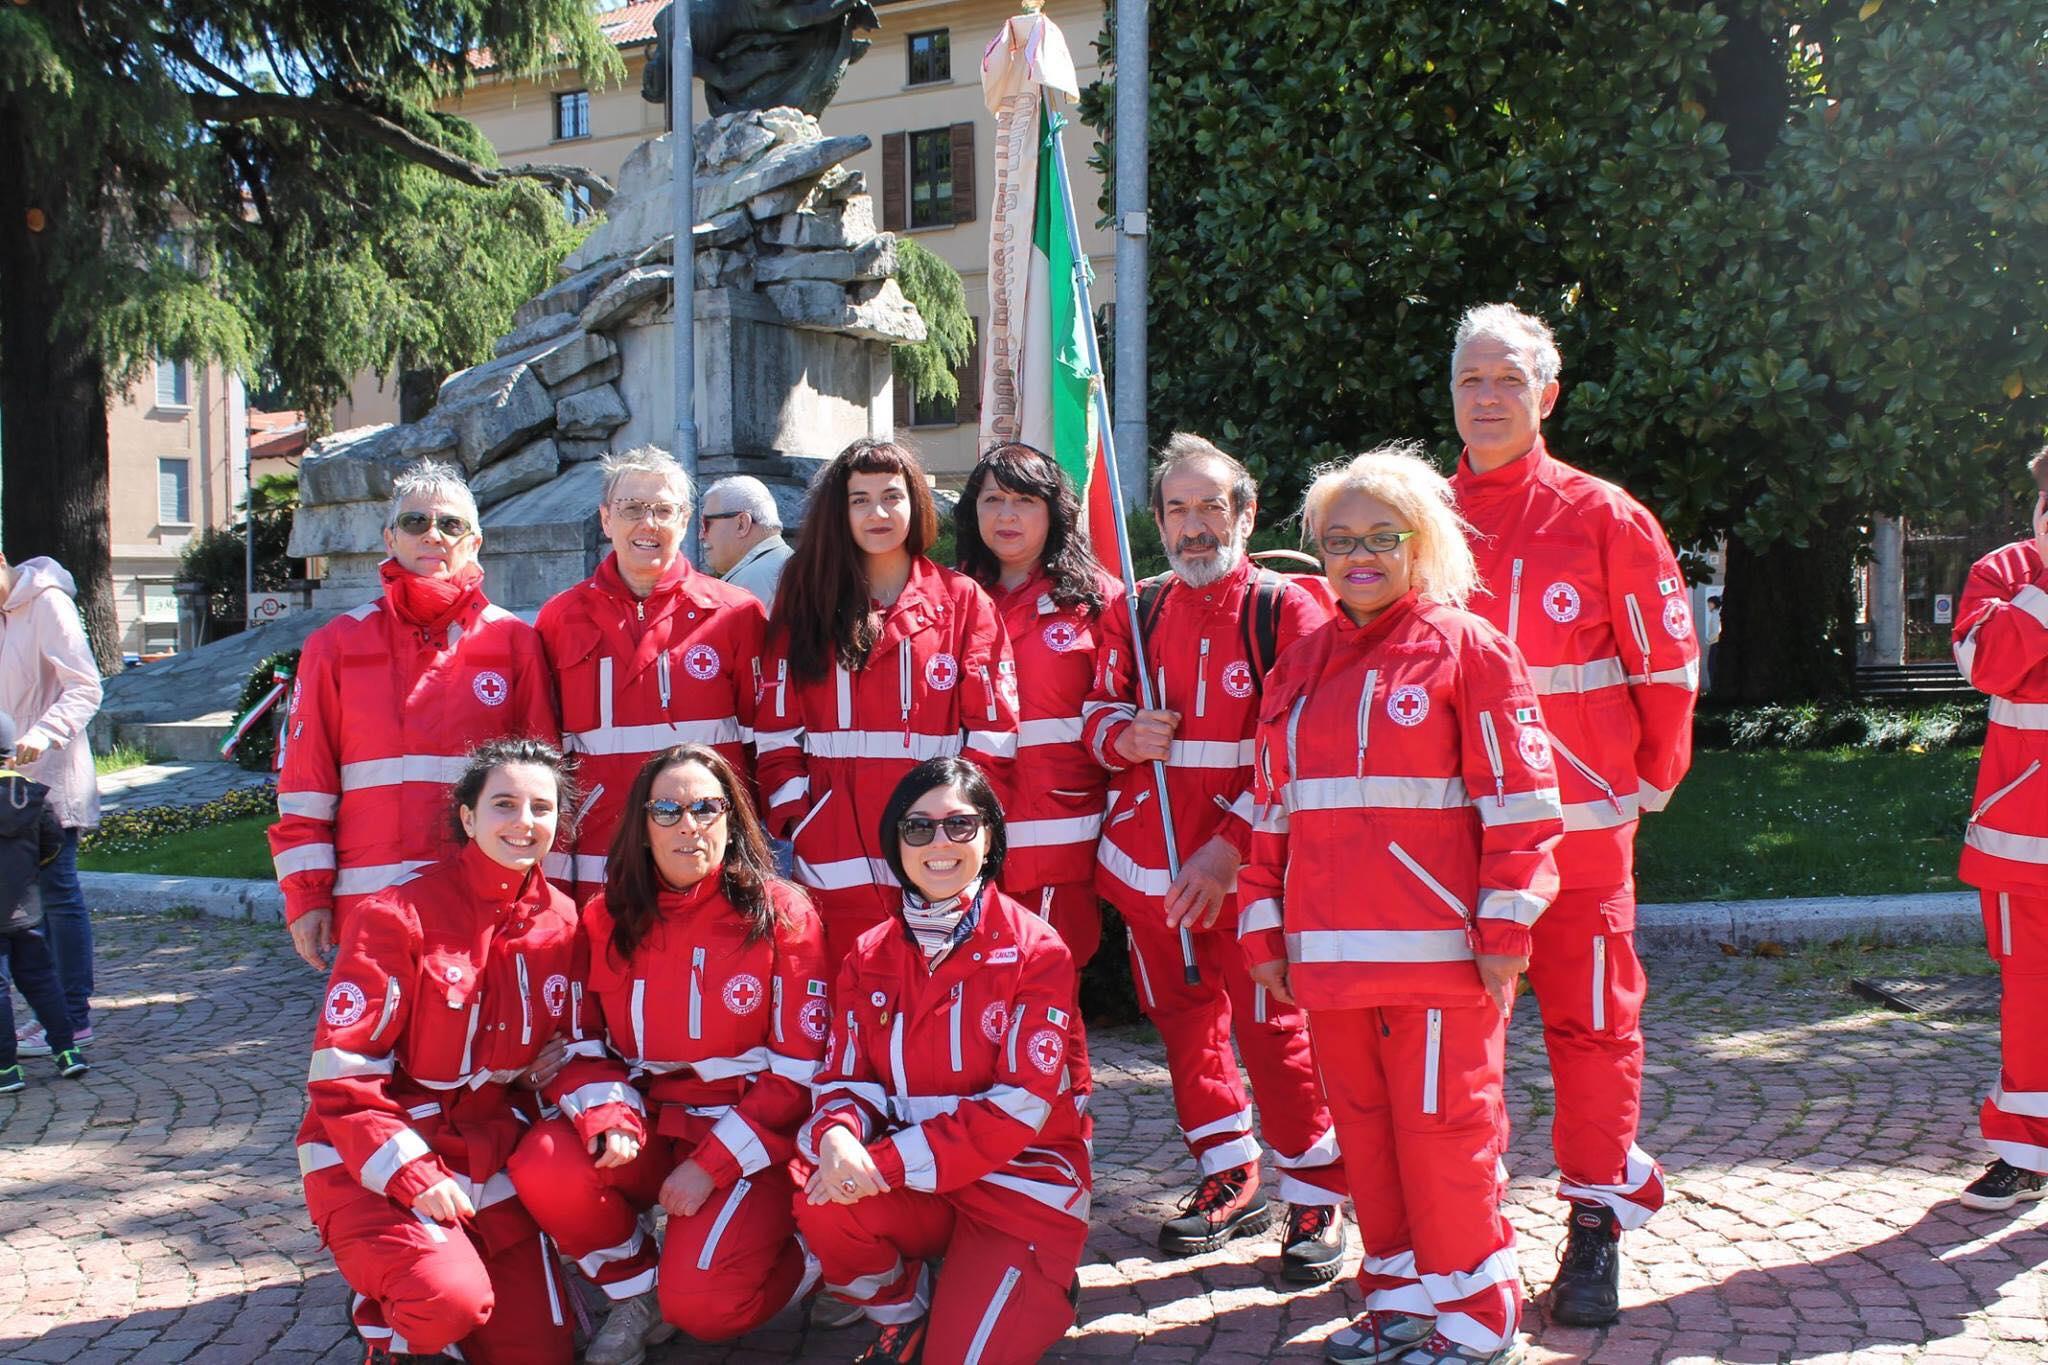 Una delegazione della Croce Rossa Italiana (Comitato di Luino), che ha partecipato alla Festa della Liberazione celebrata oggi